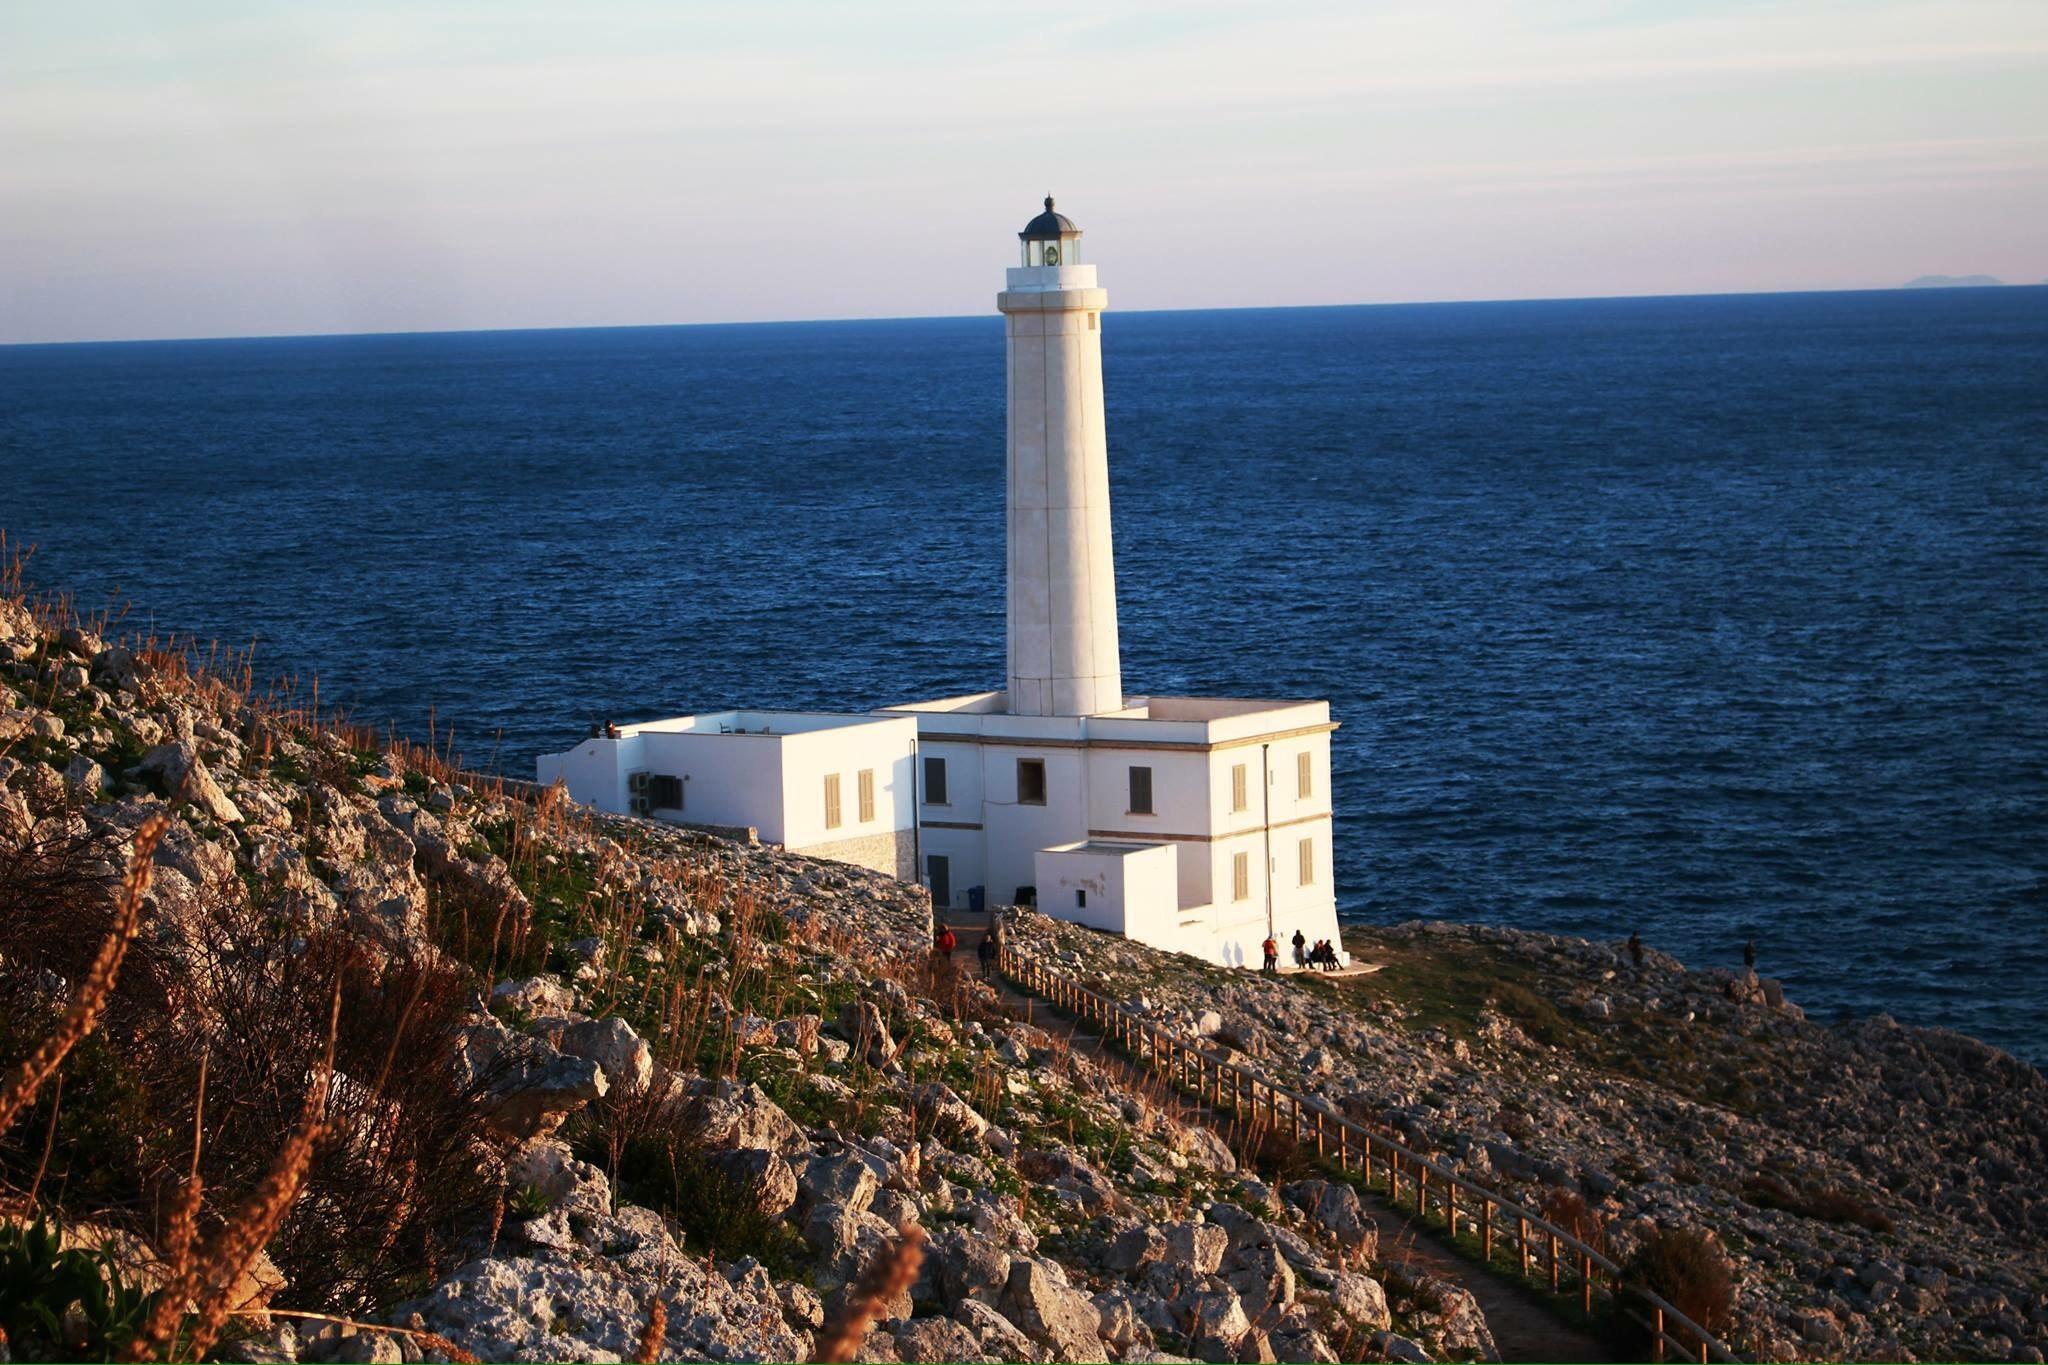 Punta Palascia